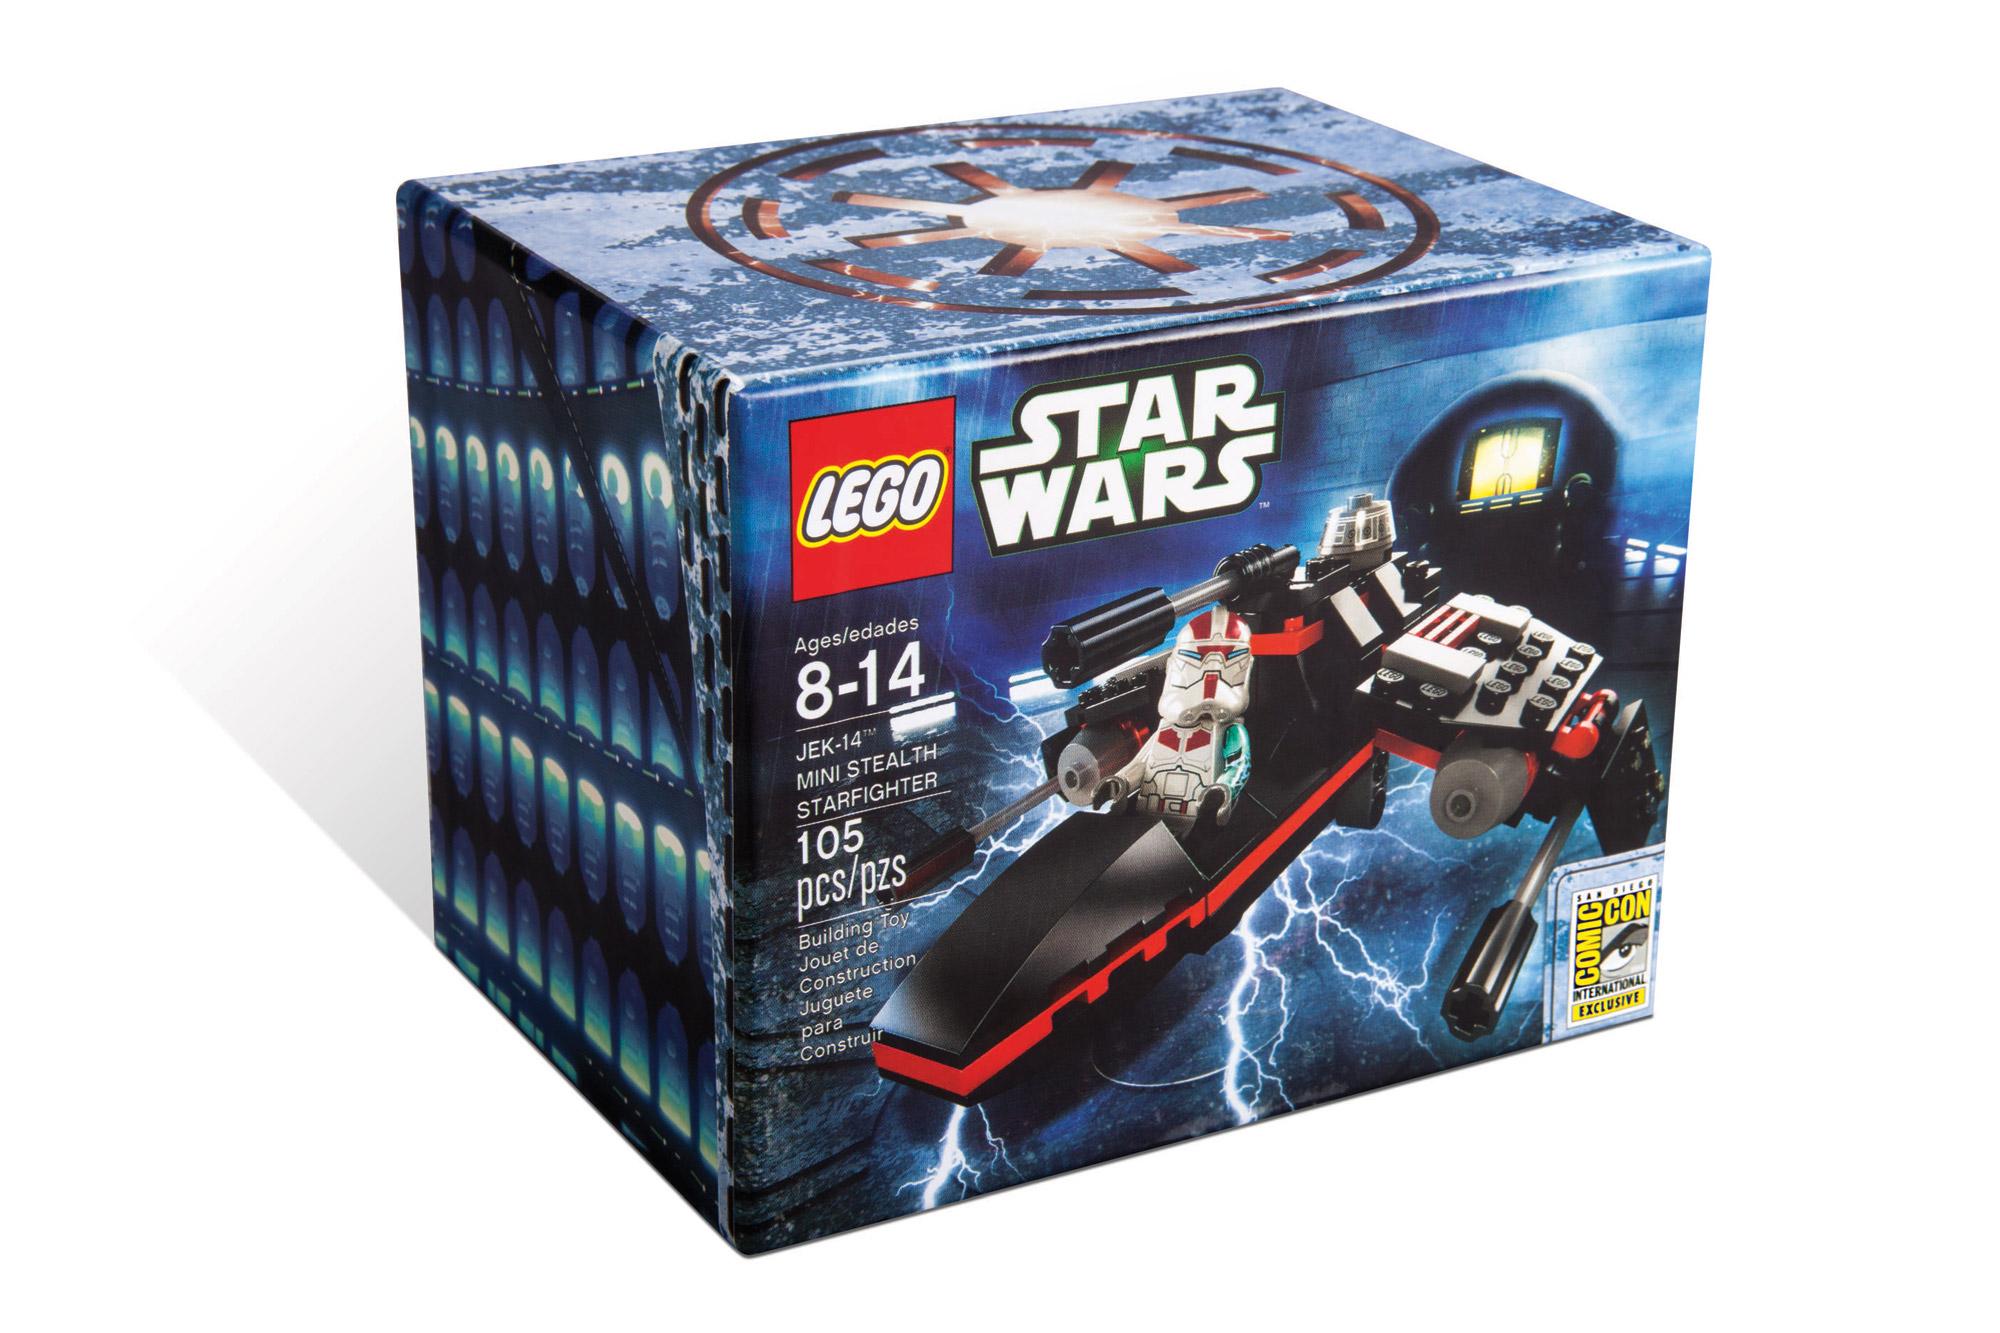 Lego Spiderman Malvorlagen Star Wars 1 Lego Spiderman: [SDCC] LEGO Star Wars And LEGO Hobbit Retail Exclusives